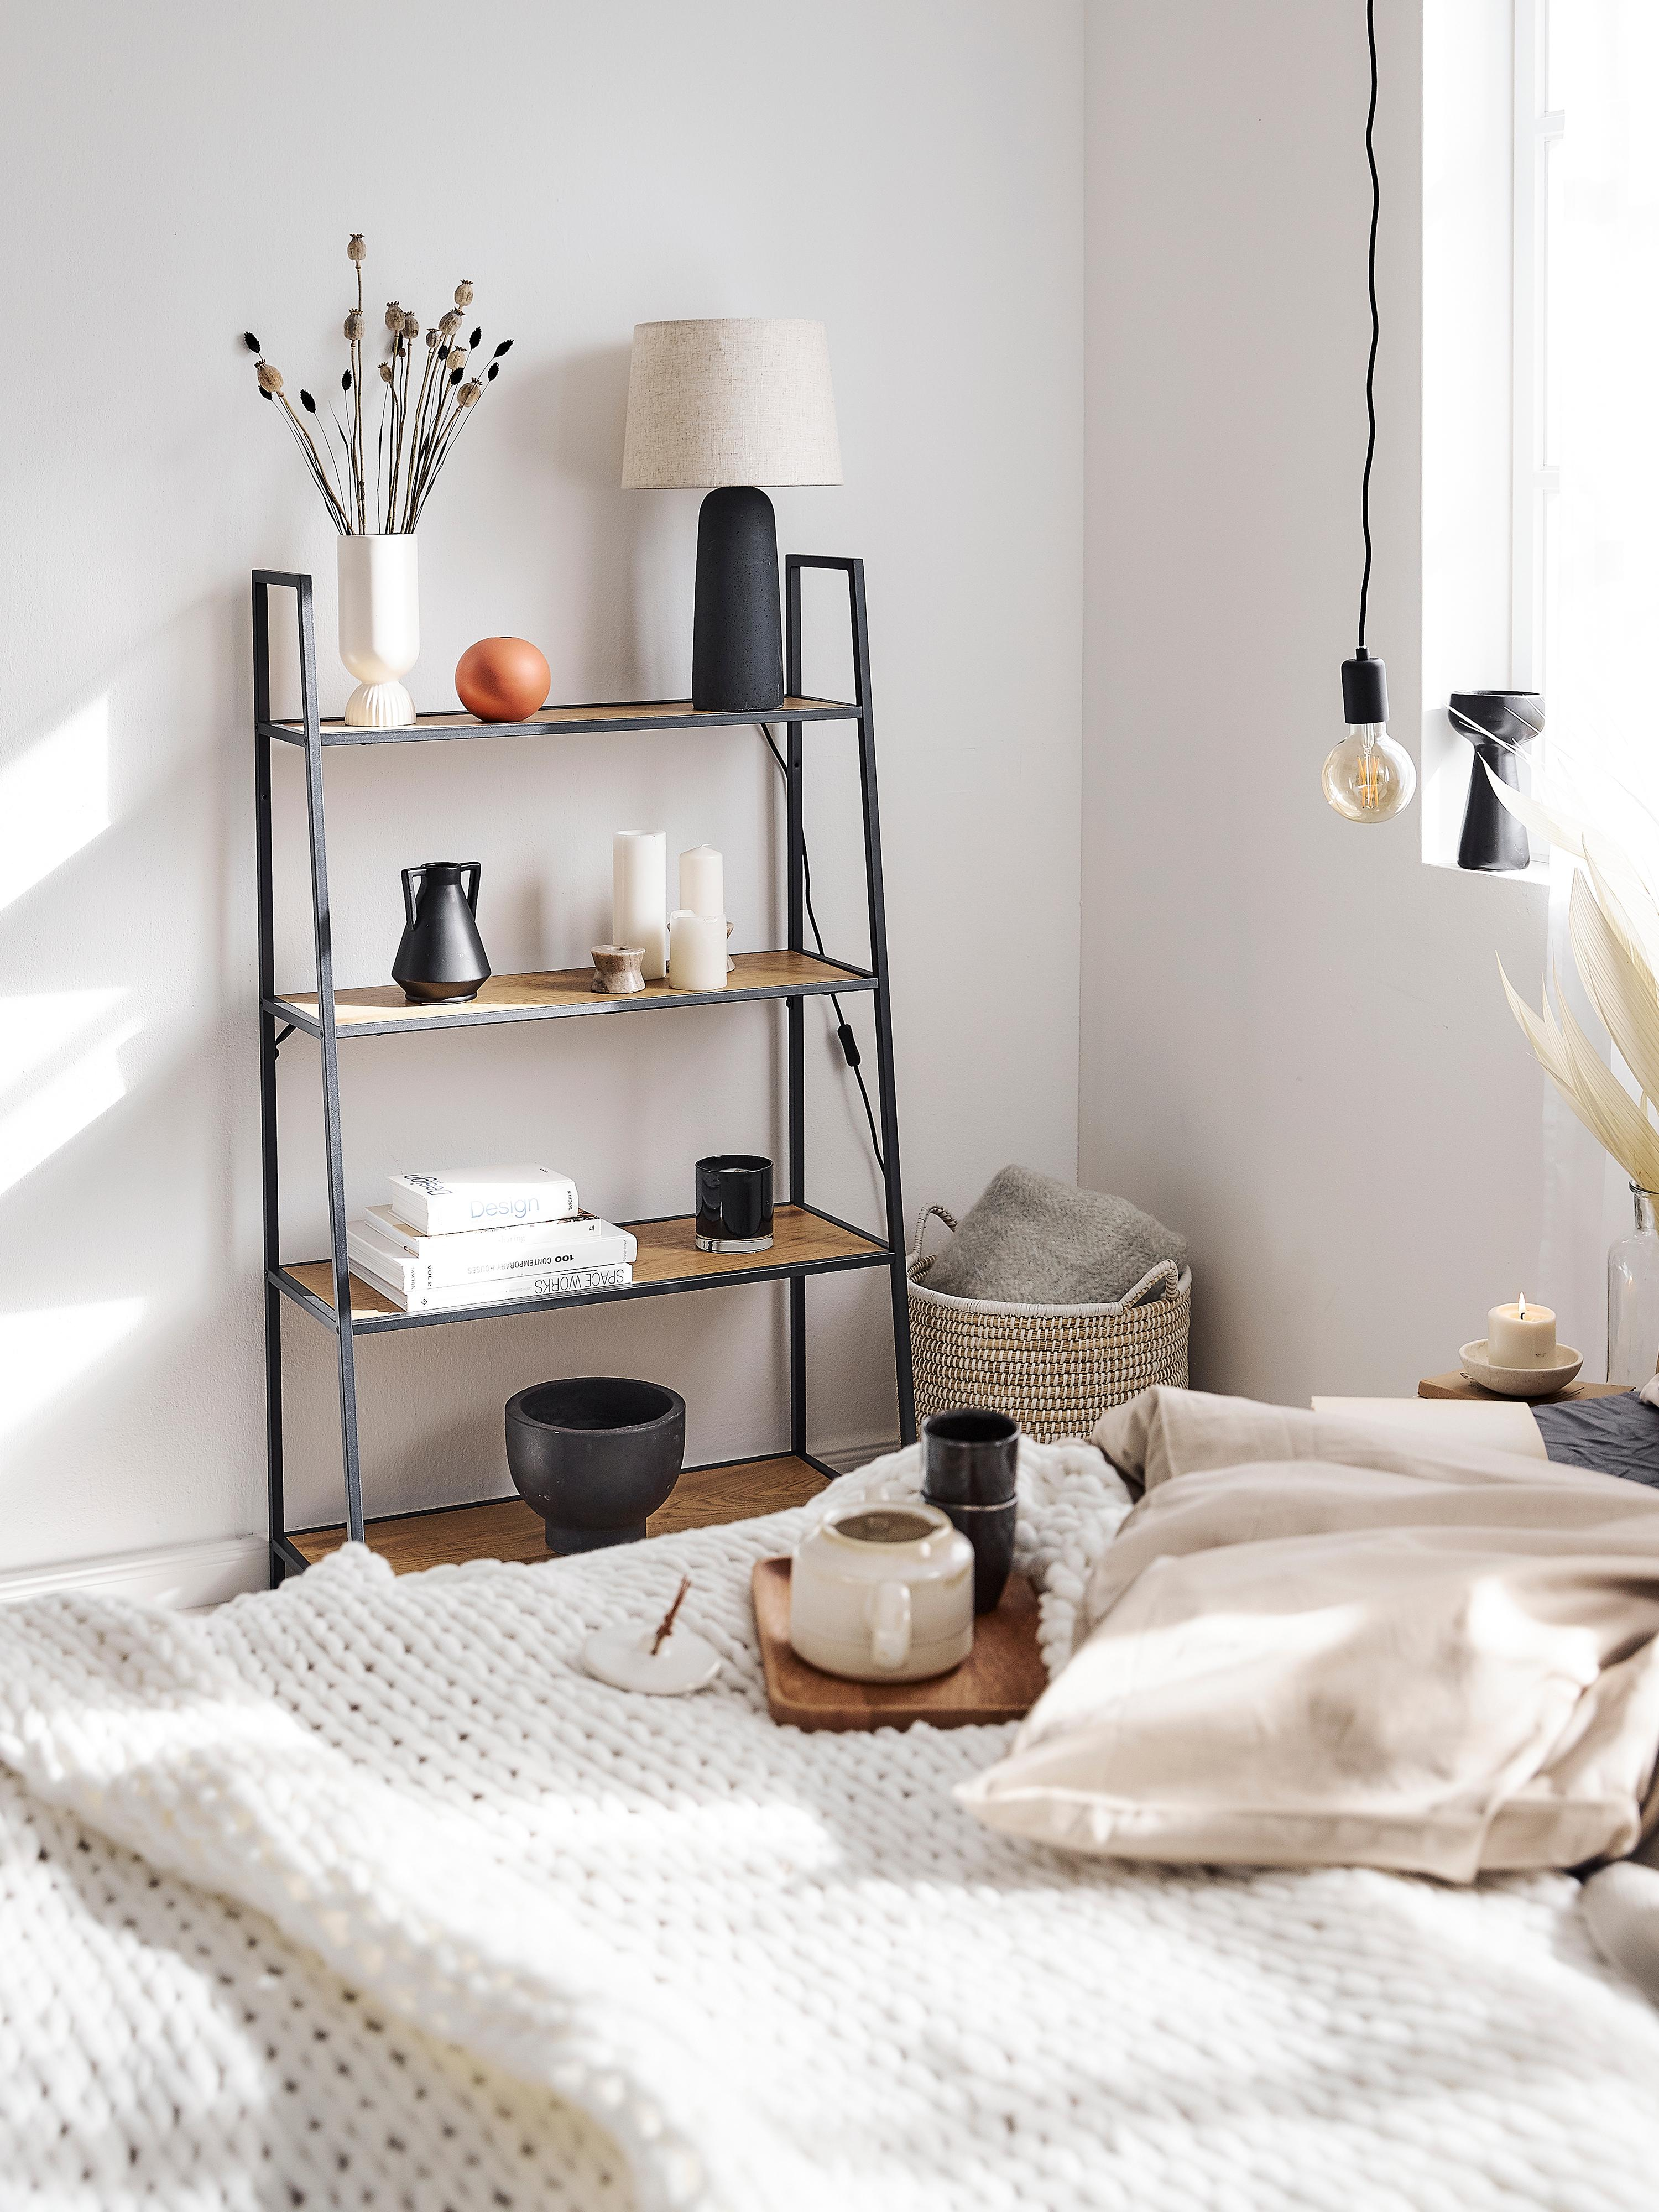 Tafellamp Kaya, Lampenkap: 80% katoen, 20% linnen, Lampvoet: beton, Lampenkap: beige. Lampvoet: donkergrijs. Snoer: zwart, Ø 29 x H 52 cm